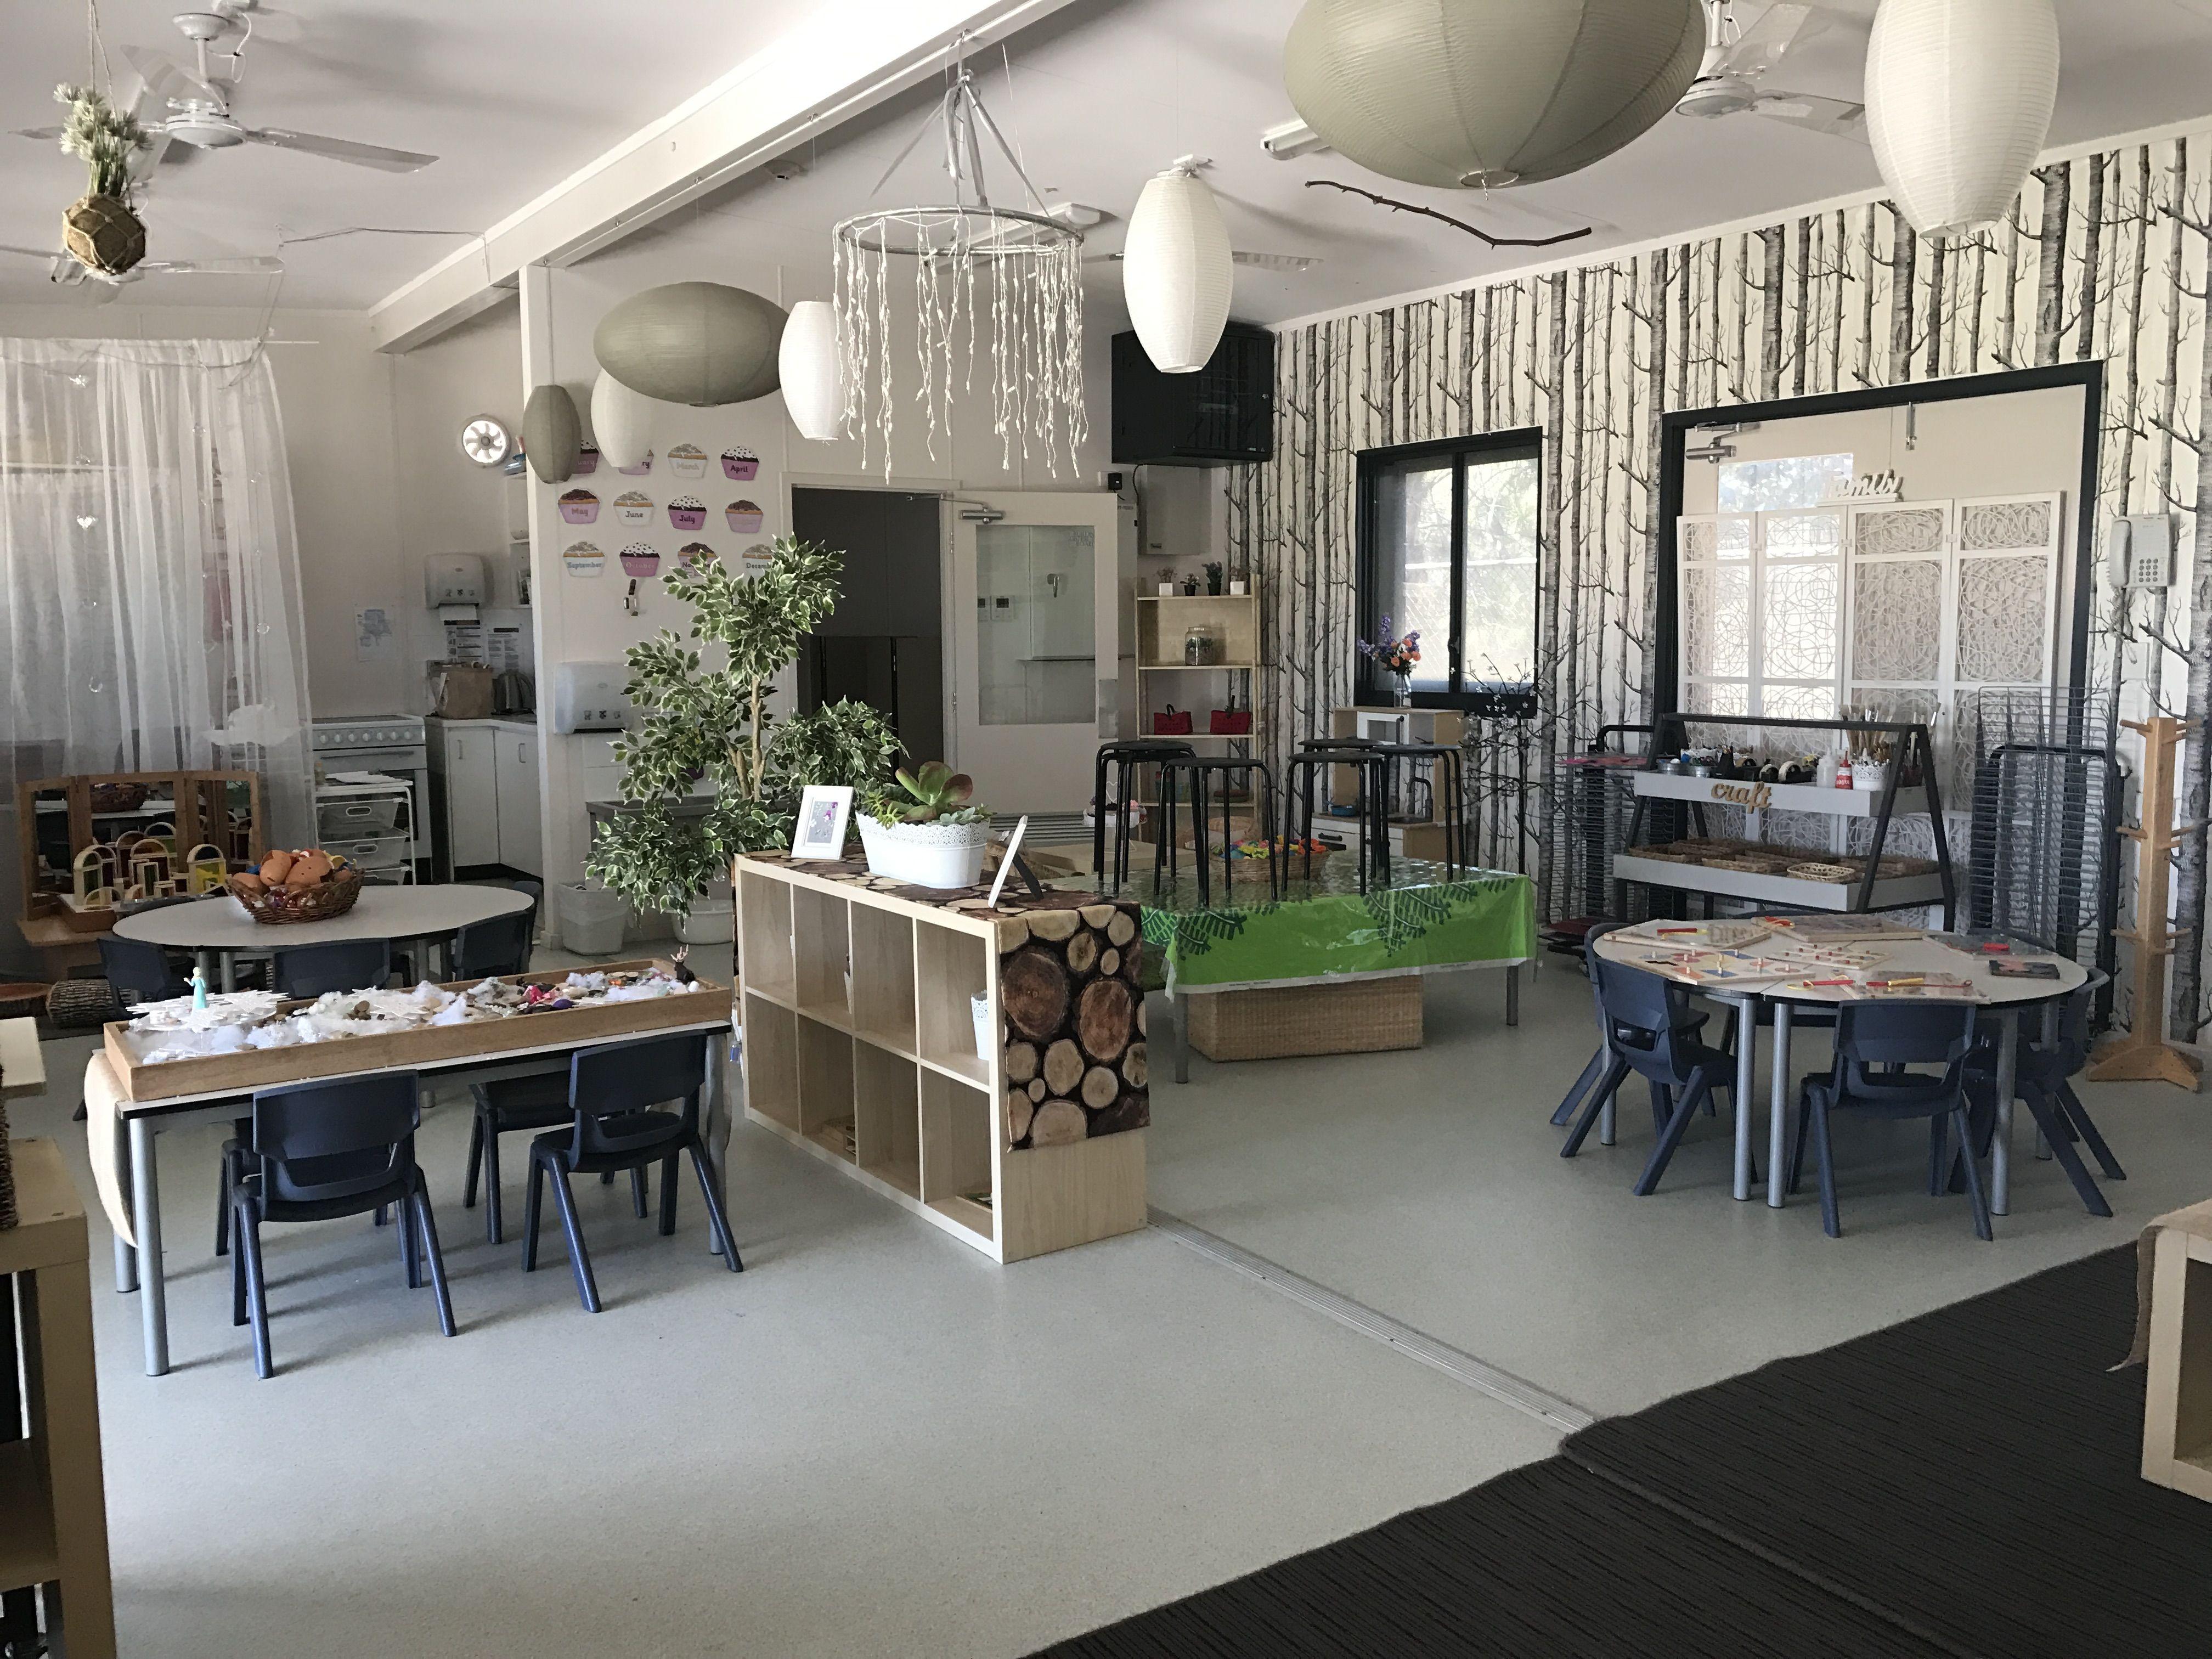 Reggio Classroom Design ~ My classroom reggio emilia pinterest